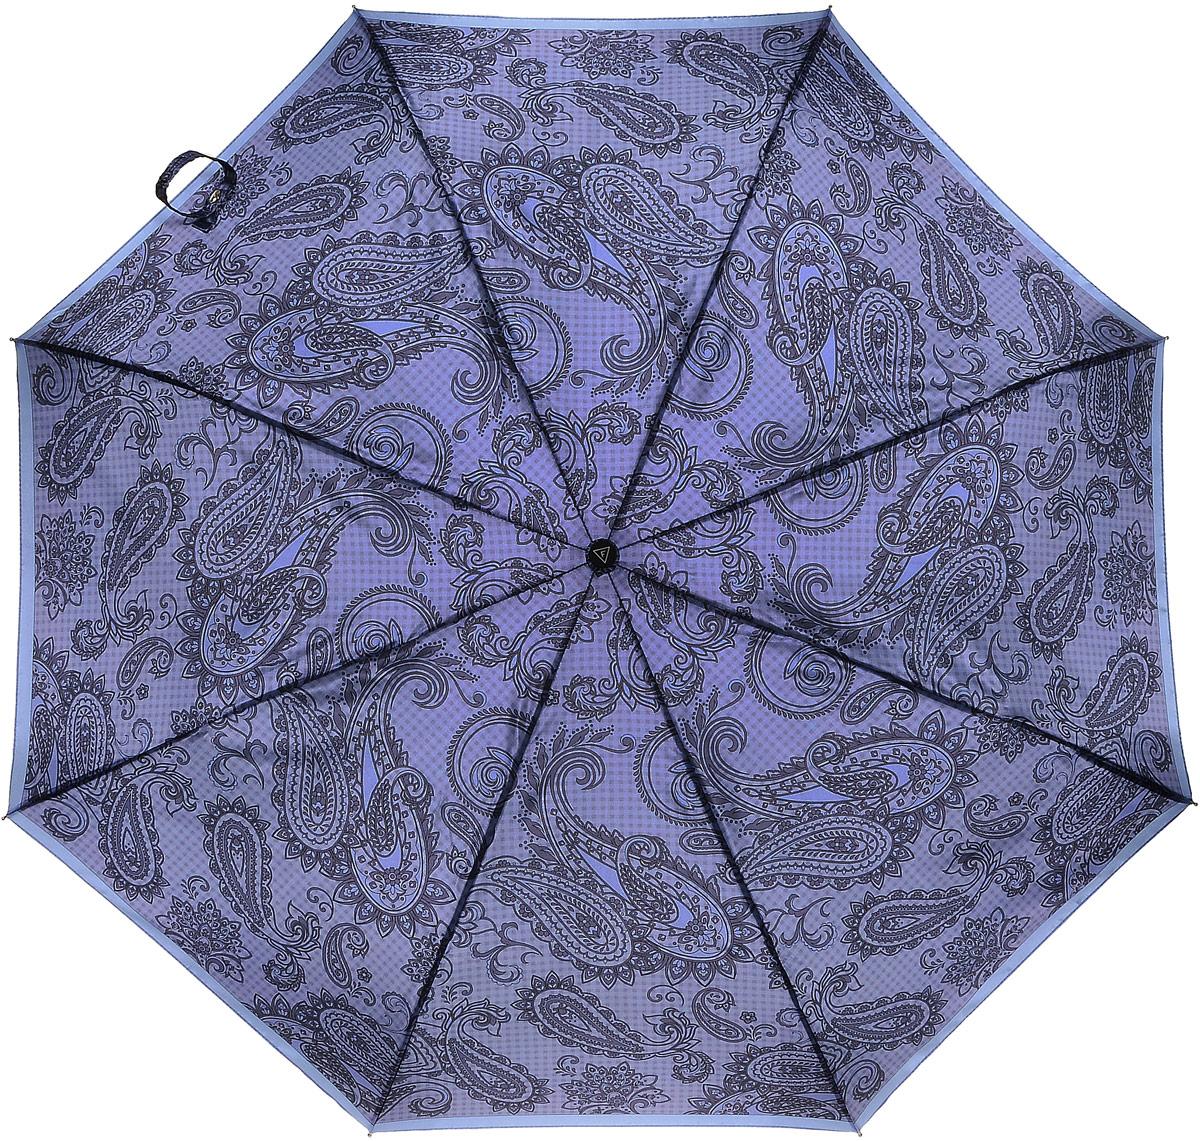 Зонт женский Fabretti, цвет: синий. S-16107-1S-16107-1Женский зонт от итальянского бренда Fabretti.Стильный синий цвет в сочетании с темно-фиолетовым принтом сделают вас неотразимыми в любую непогоду! Уникальное сочетание классической клетки и яркого принта пейсли позволил дизайнерам создать ультрамодный аксессуар, который понравится всем любительницам изыска и шика. Значительным преимуществом данной модели является система антиветер, которая позволяет выдержать сильные порывы ветра. Материал купола – сатин. Он невероятно изящен, приятен на ощупь, обладает высокой прочностью, а также устойчив к выцветанию. Эргономичная ручка сделана из высококачественного пластика-полиуретана с противоскользящей обработкой.